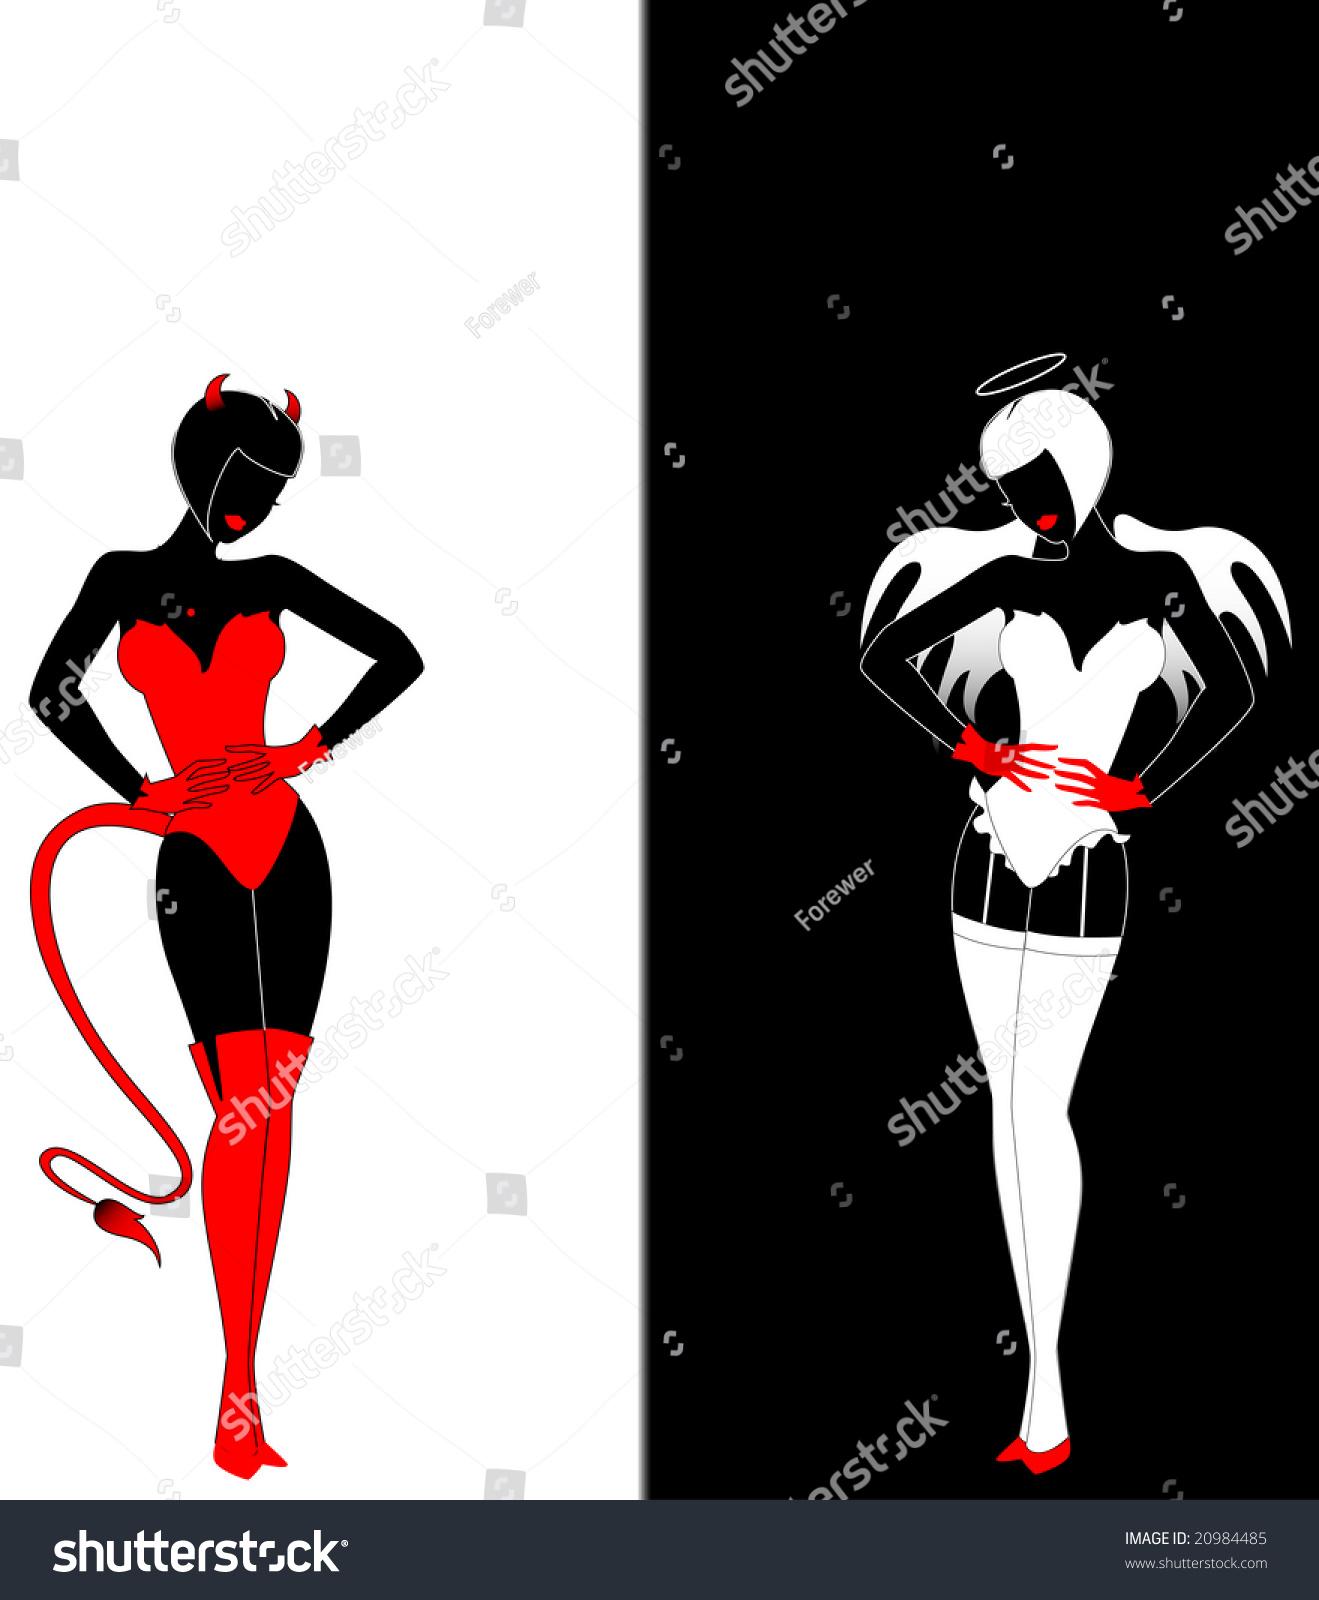 Devil Images Angel Silloqauette